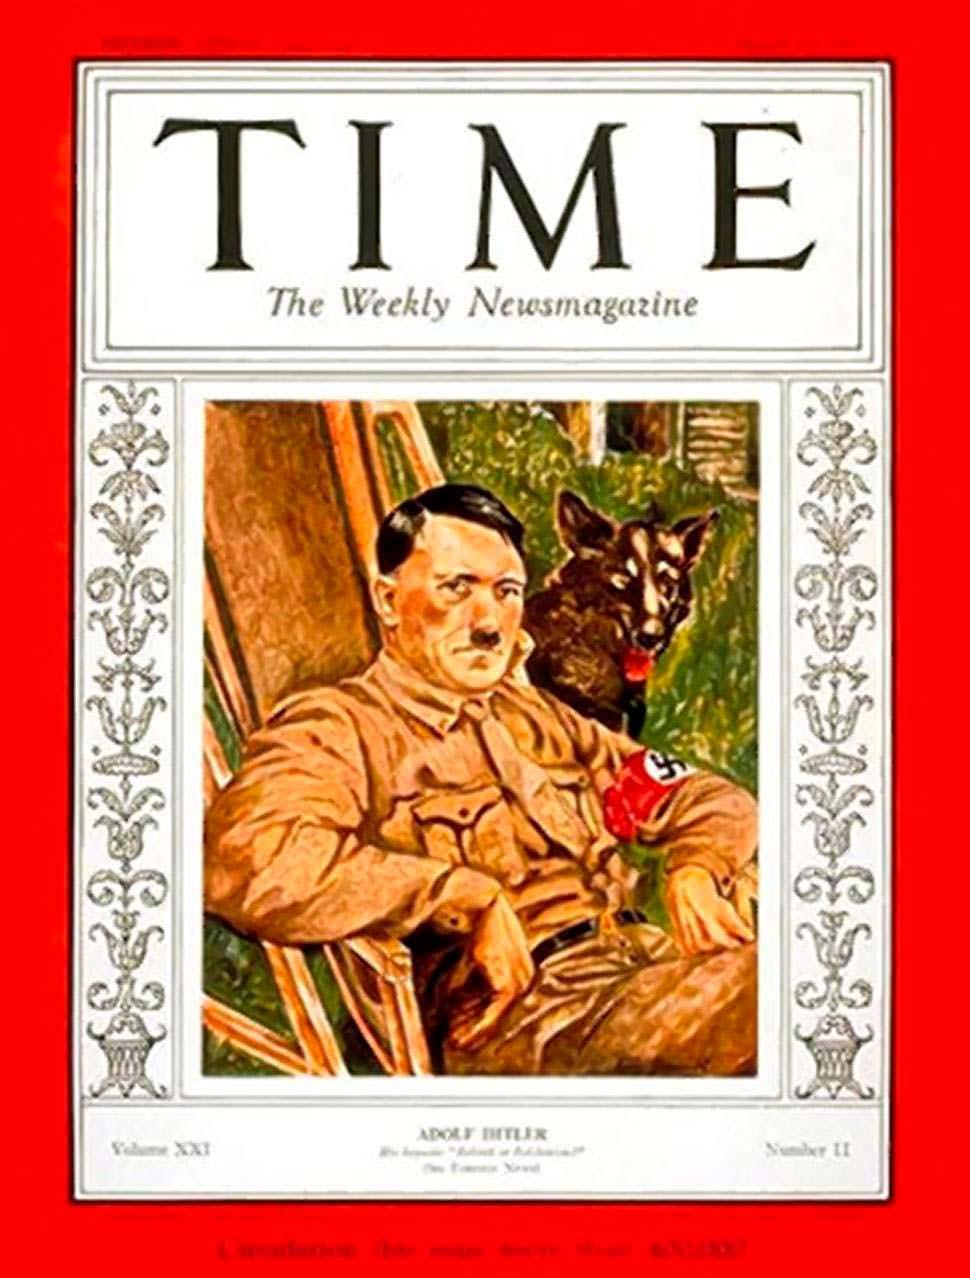 1938 год. Канцлер Германии Адольф Гитлер на обложке Time